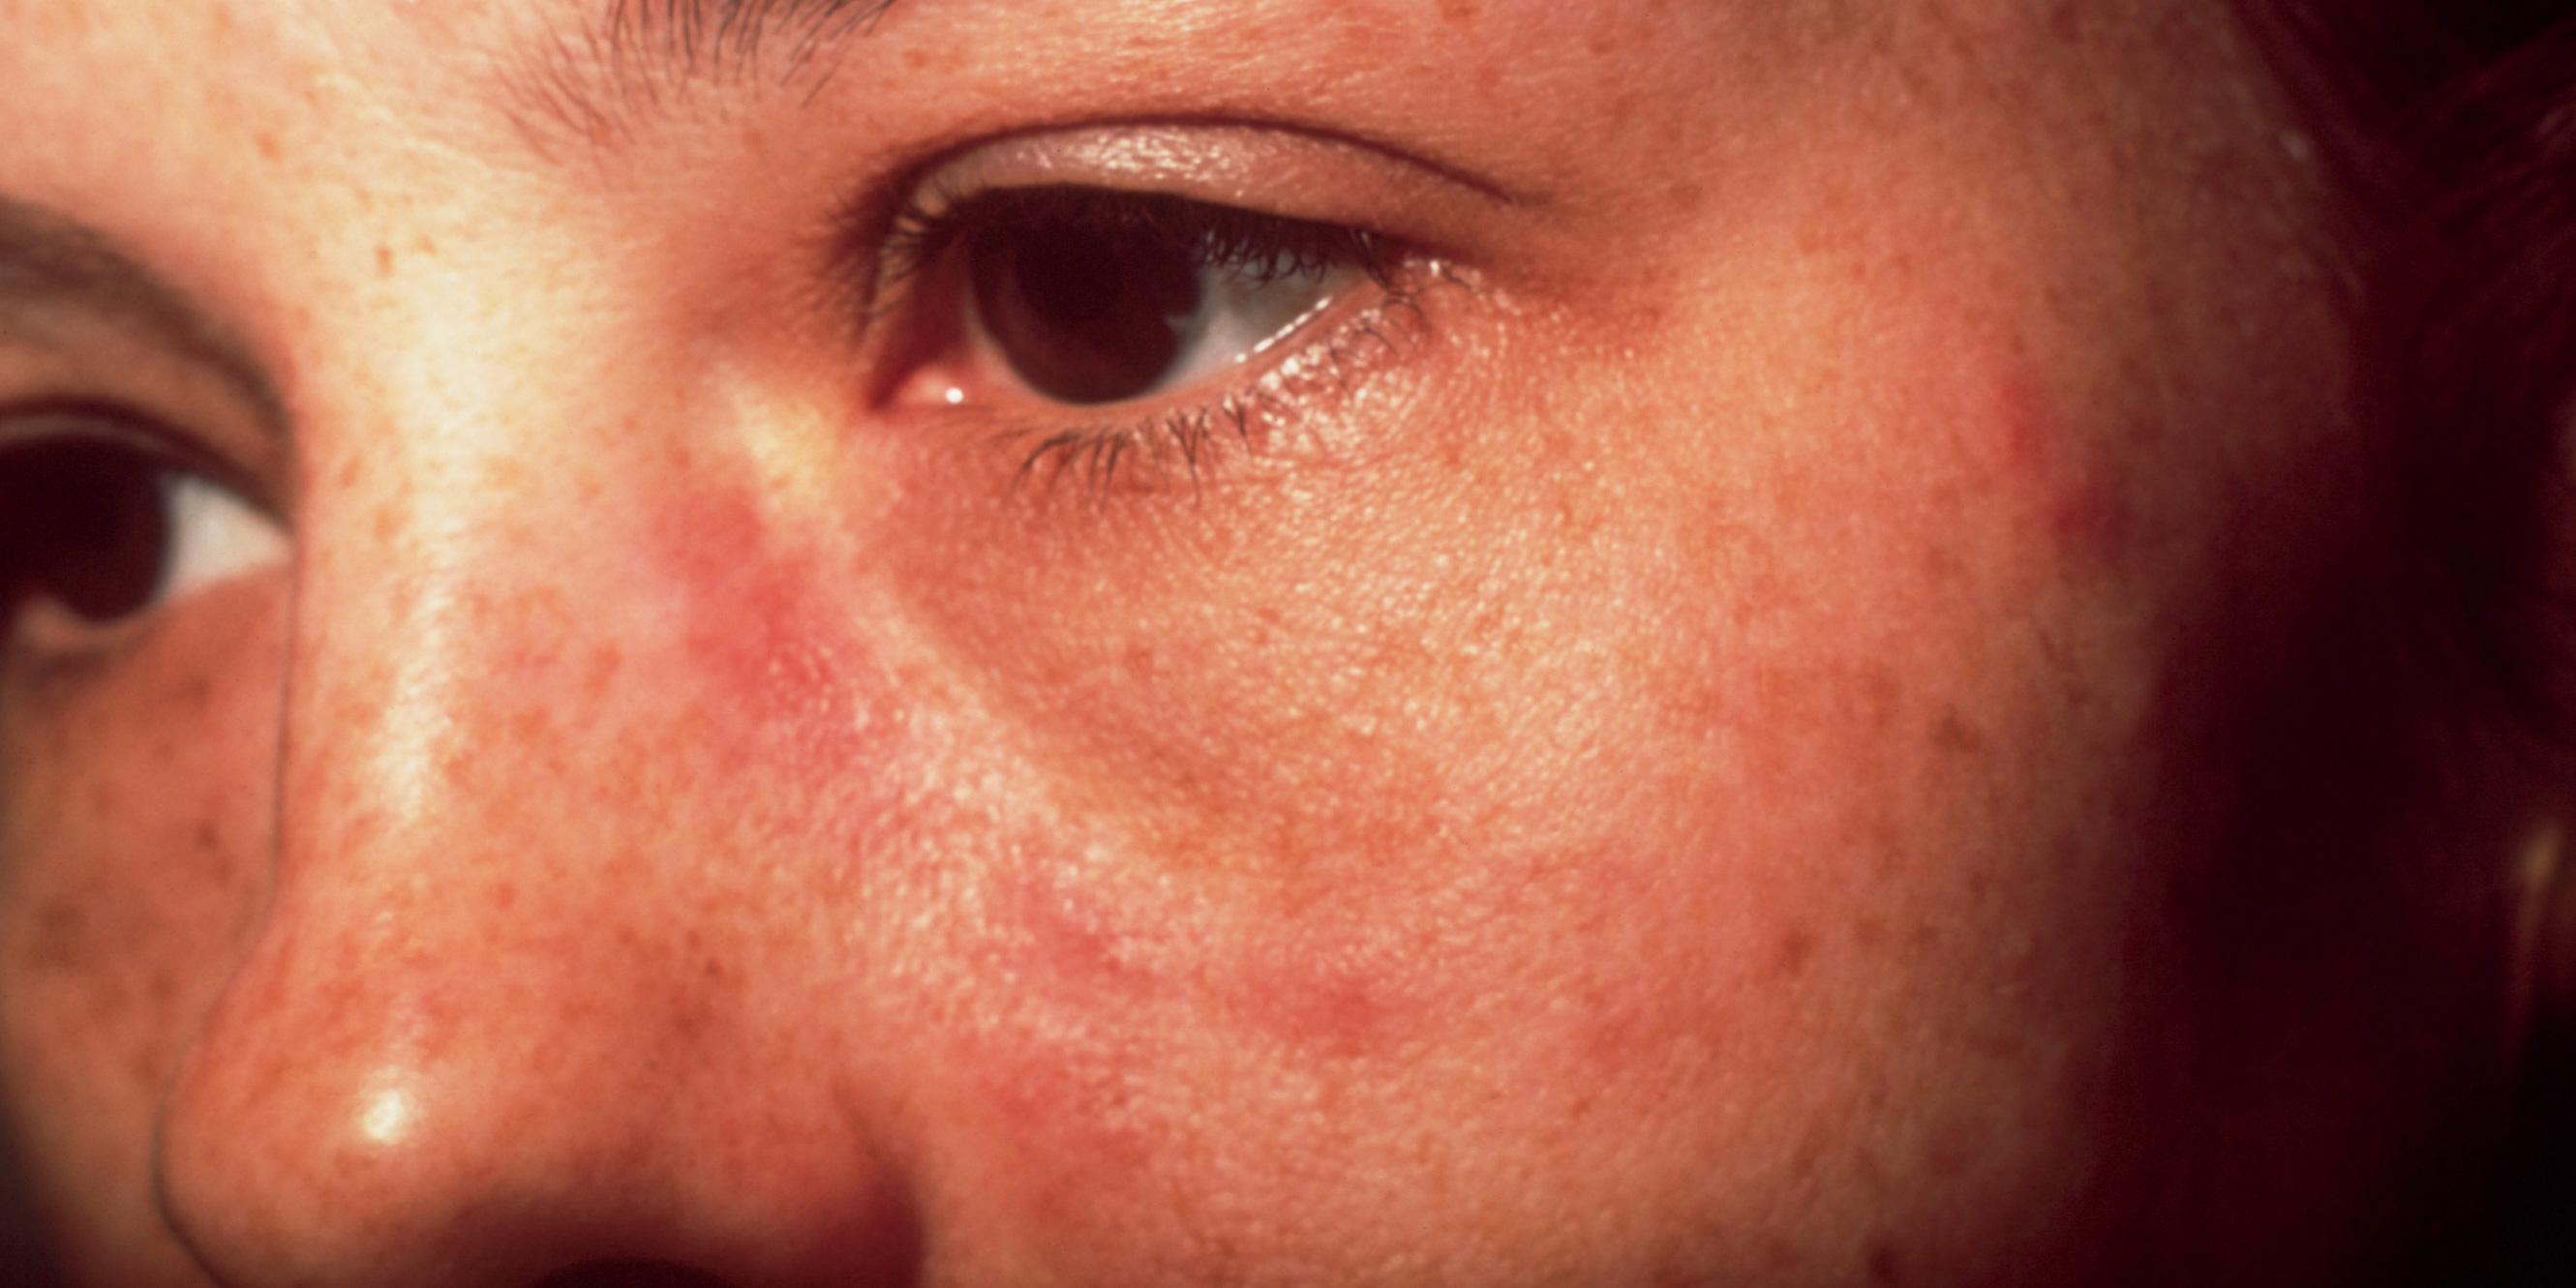 Das vielleicht bekannteste Symptom des Lupus erythematodes ist das sogenannte Schmetterlingserythem, ein rötlicher Hautausschlag im Gesicht